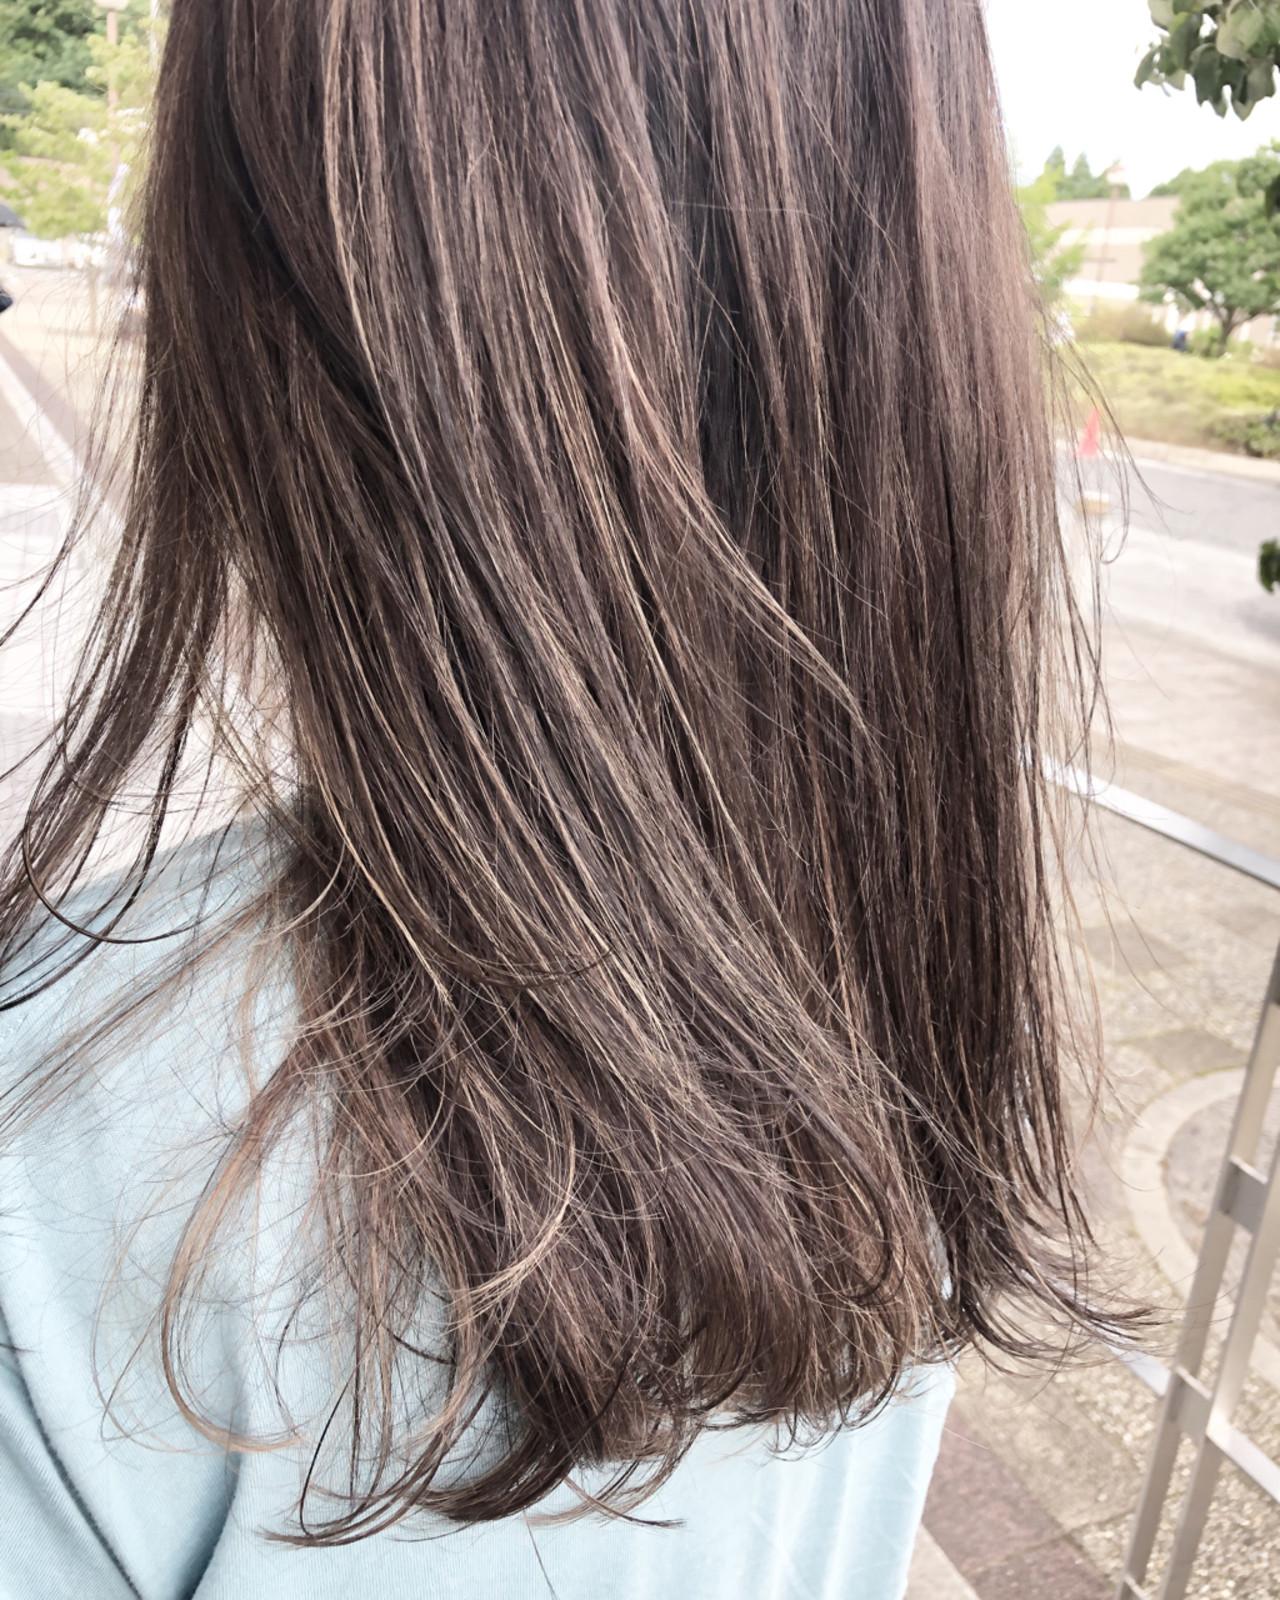 ハイトーン セミロング ブリーチ 外国人風カラー ヘアスタイルや髪型の写真・画像 | 松本 忠晴 / mixjam+Musee